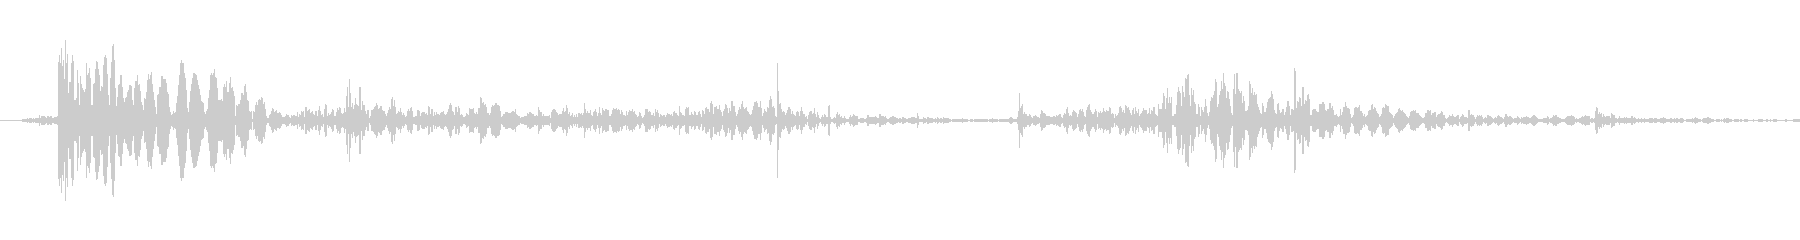 ボディフォール、さまざまなボディフ...の未再生の波形